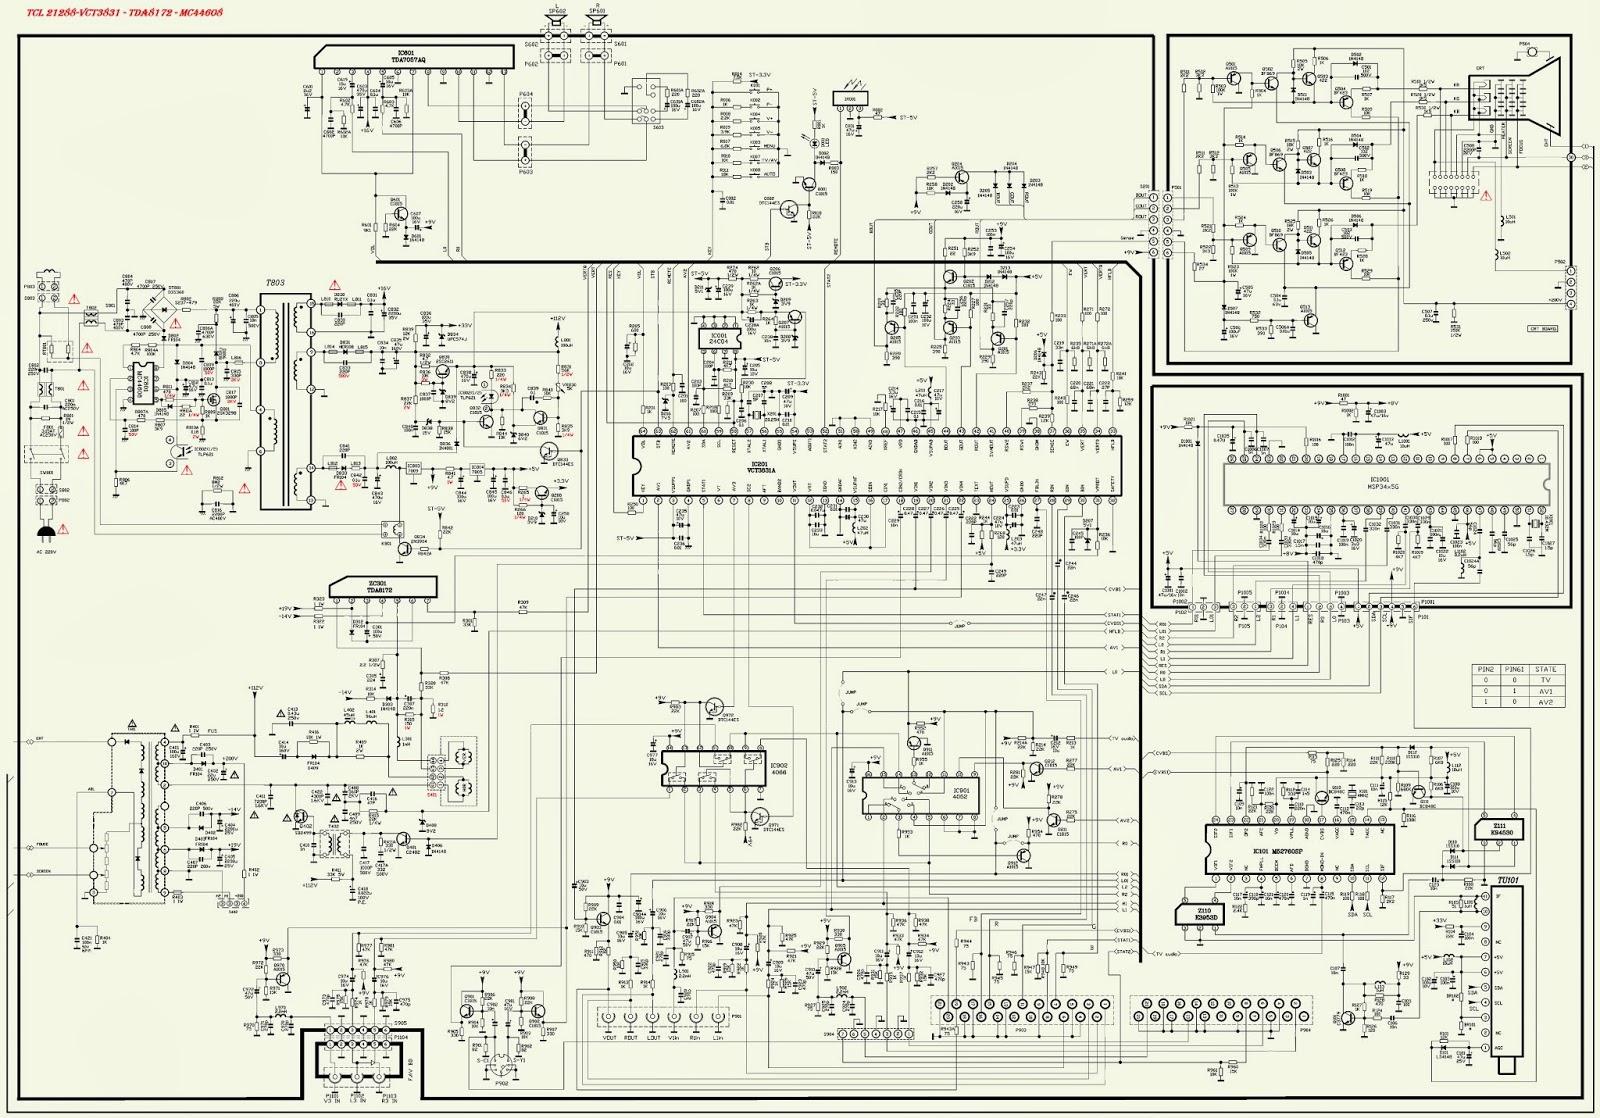 TCL 21288  VCT3831  (TDA8172  MC44608)  TV  CIRCUIT